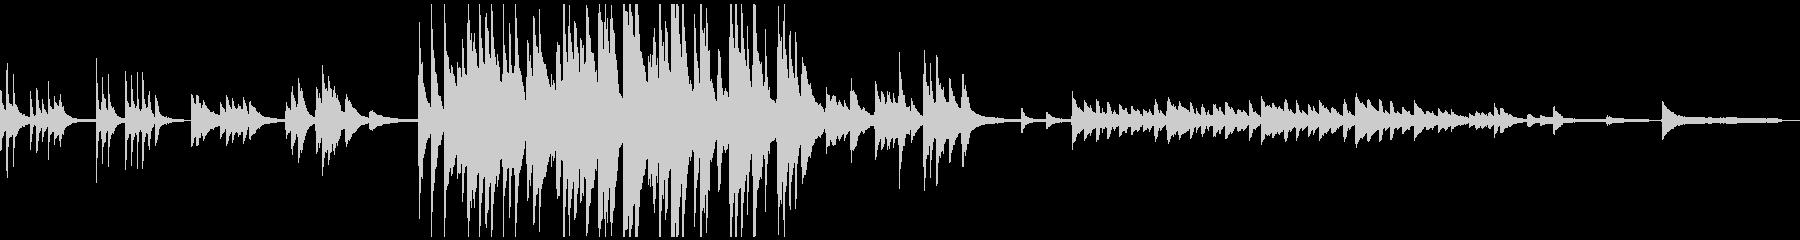 1:54しんみりあったかく哀しいピアノ曲の未再生の波形